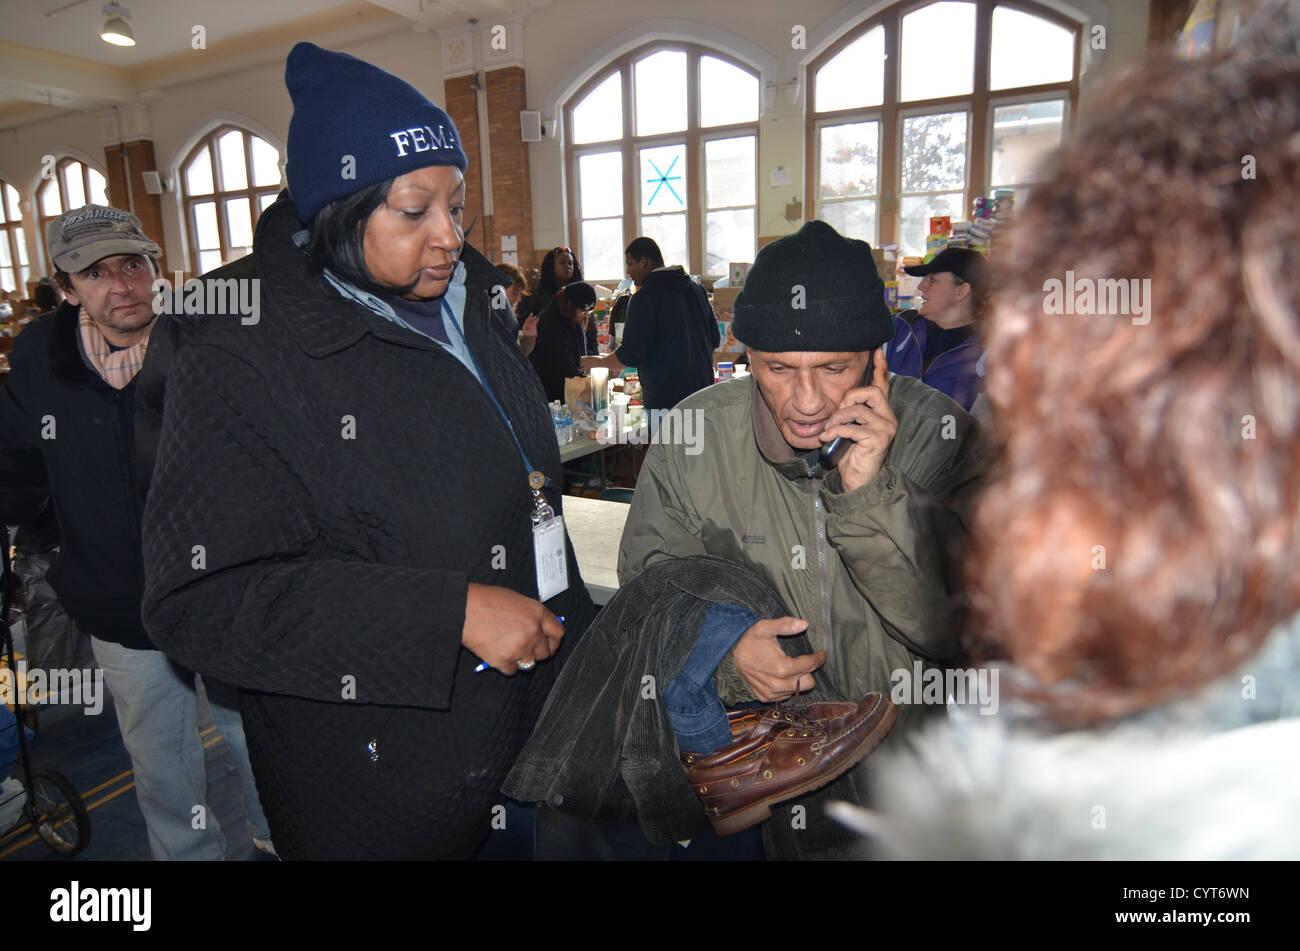 FEMA relazioni comunitarie lavoratore parla di un Rockaway, New York residente che è nel bisogno di locali Immagini Stock